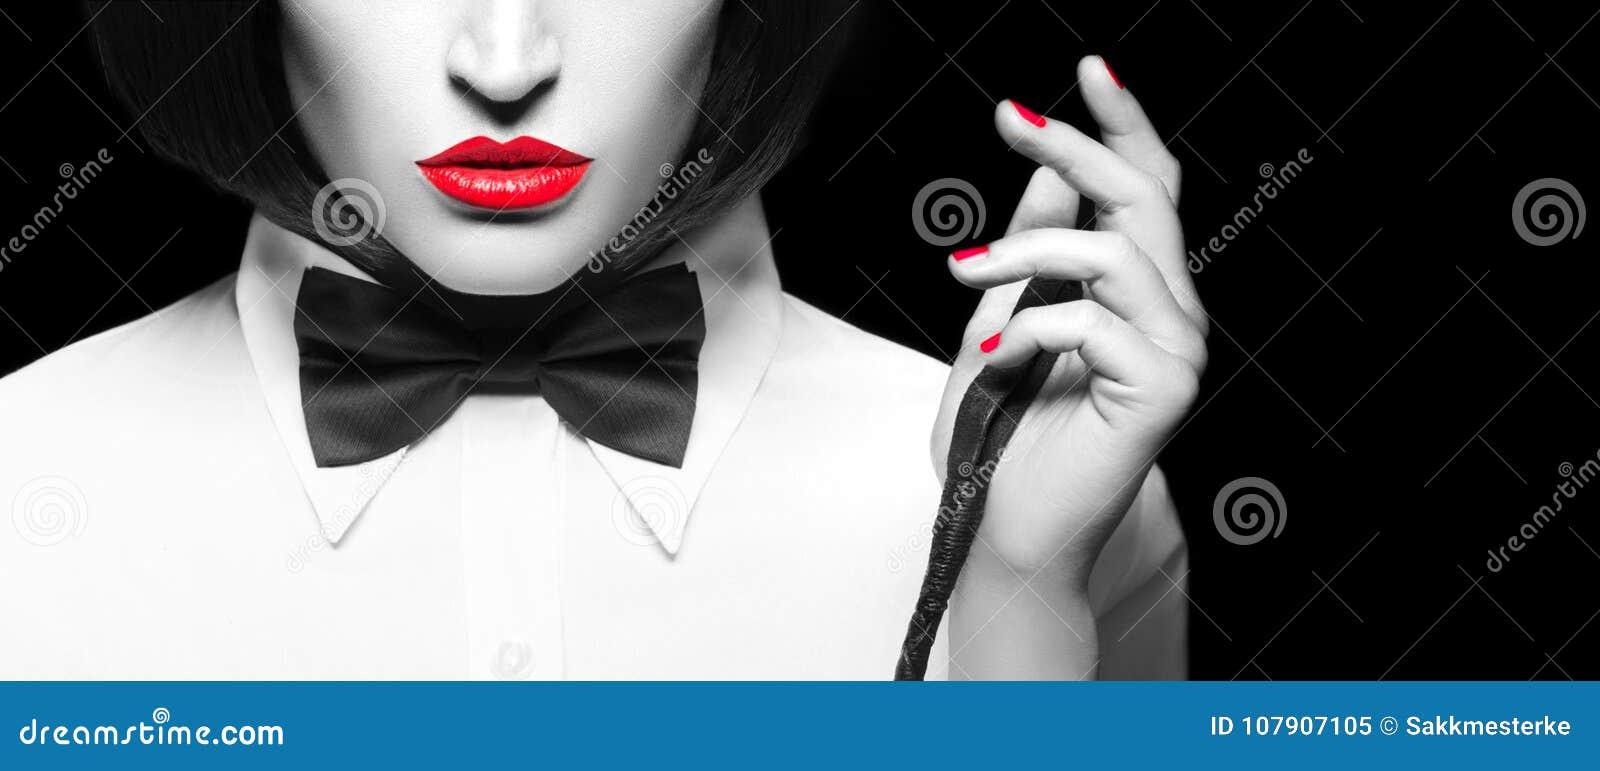 性感的dominatrix在假发和与鞭子特写镜头横幅,有选择性的c